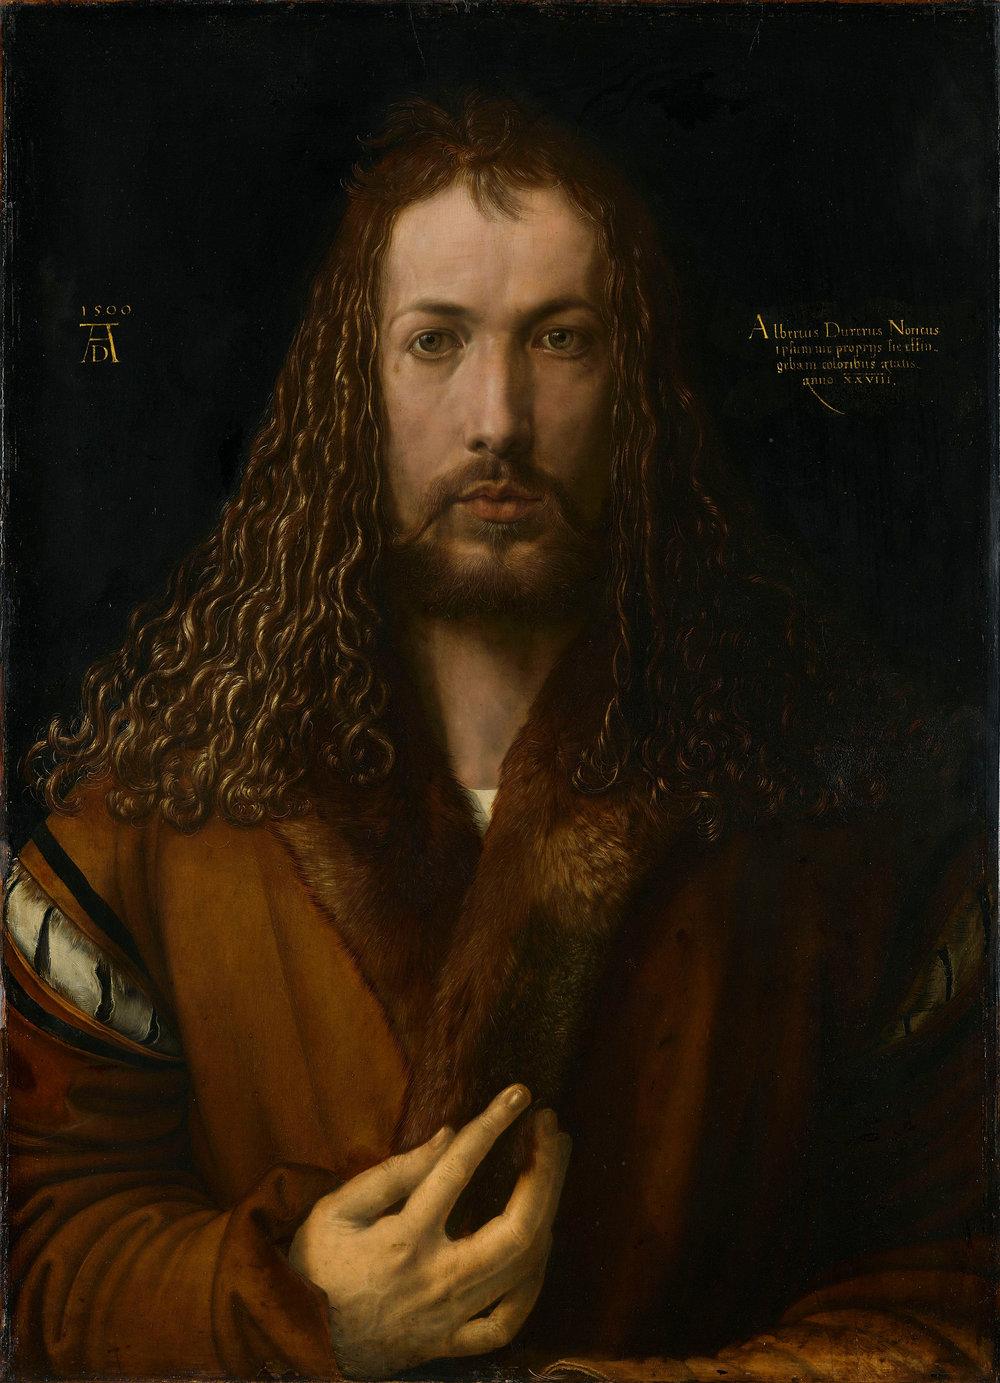 Albrecht Dürer, Self-Portrait, 1500, Alte Pinakothek, Munich